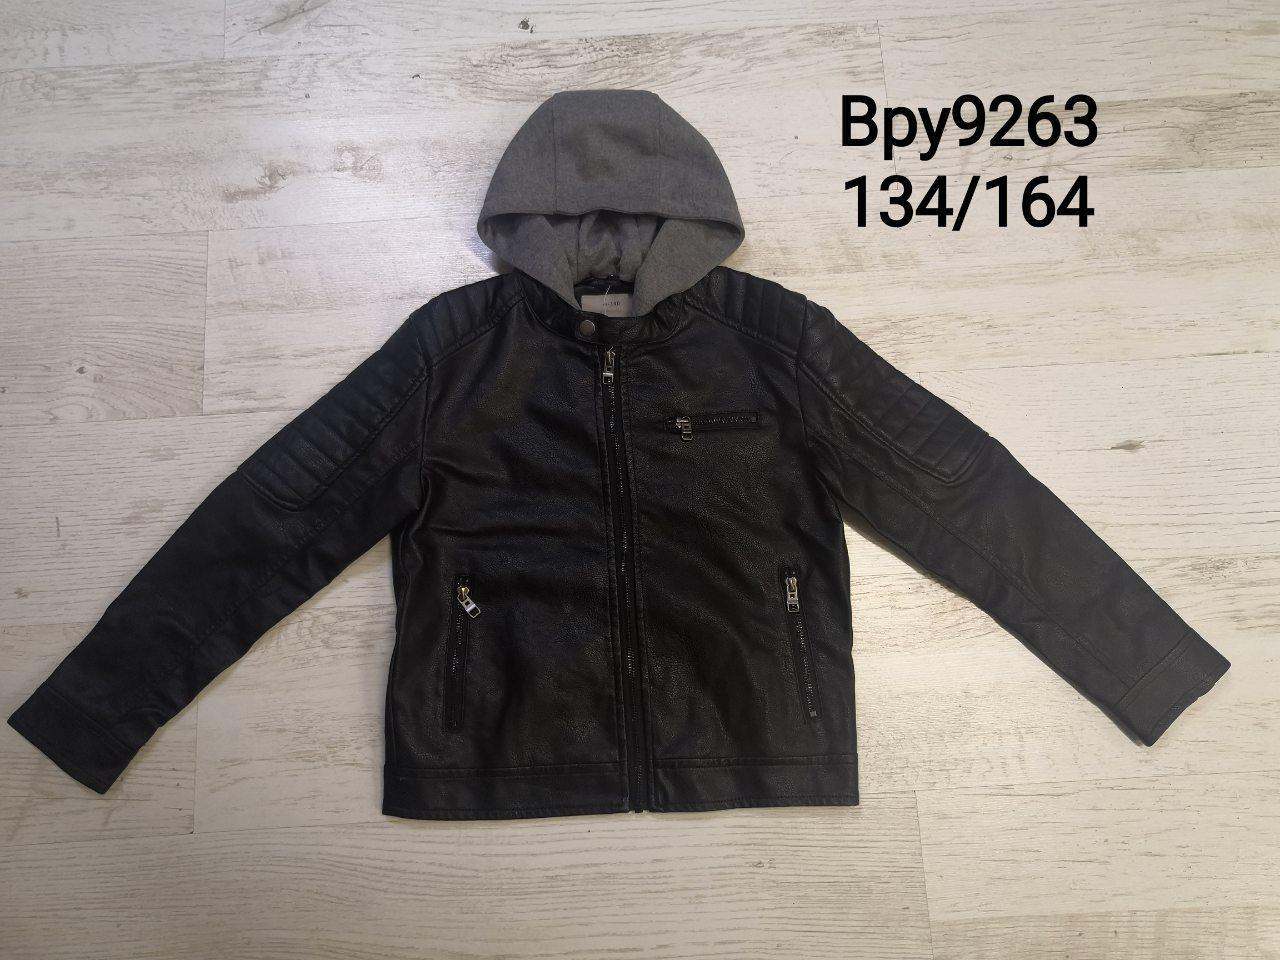 Куртки кожзам для мальчиков оптом, размеры 134-164,  Glo-story, арт. ВPY-9263